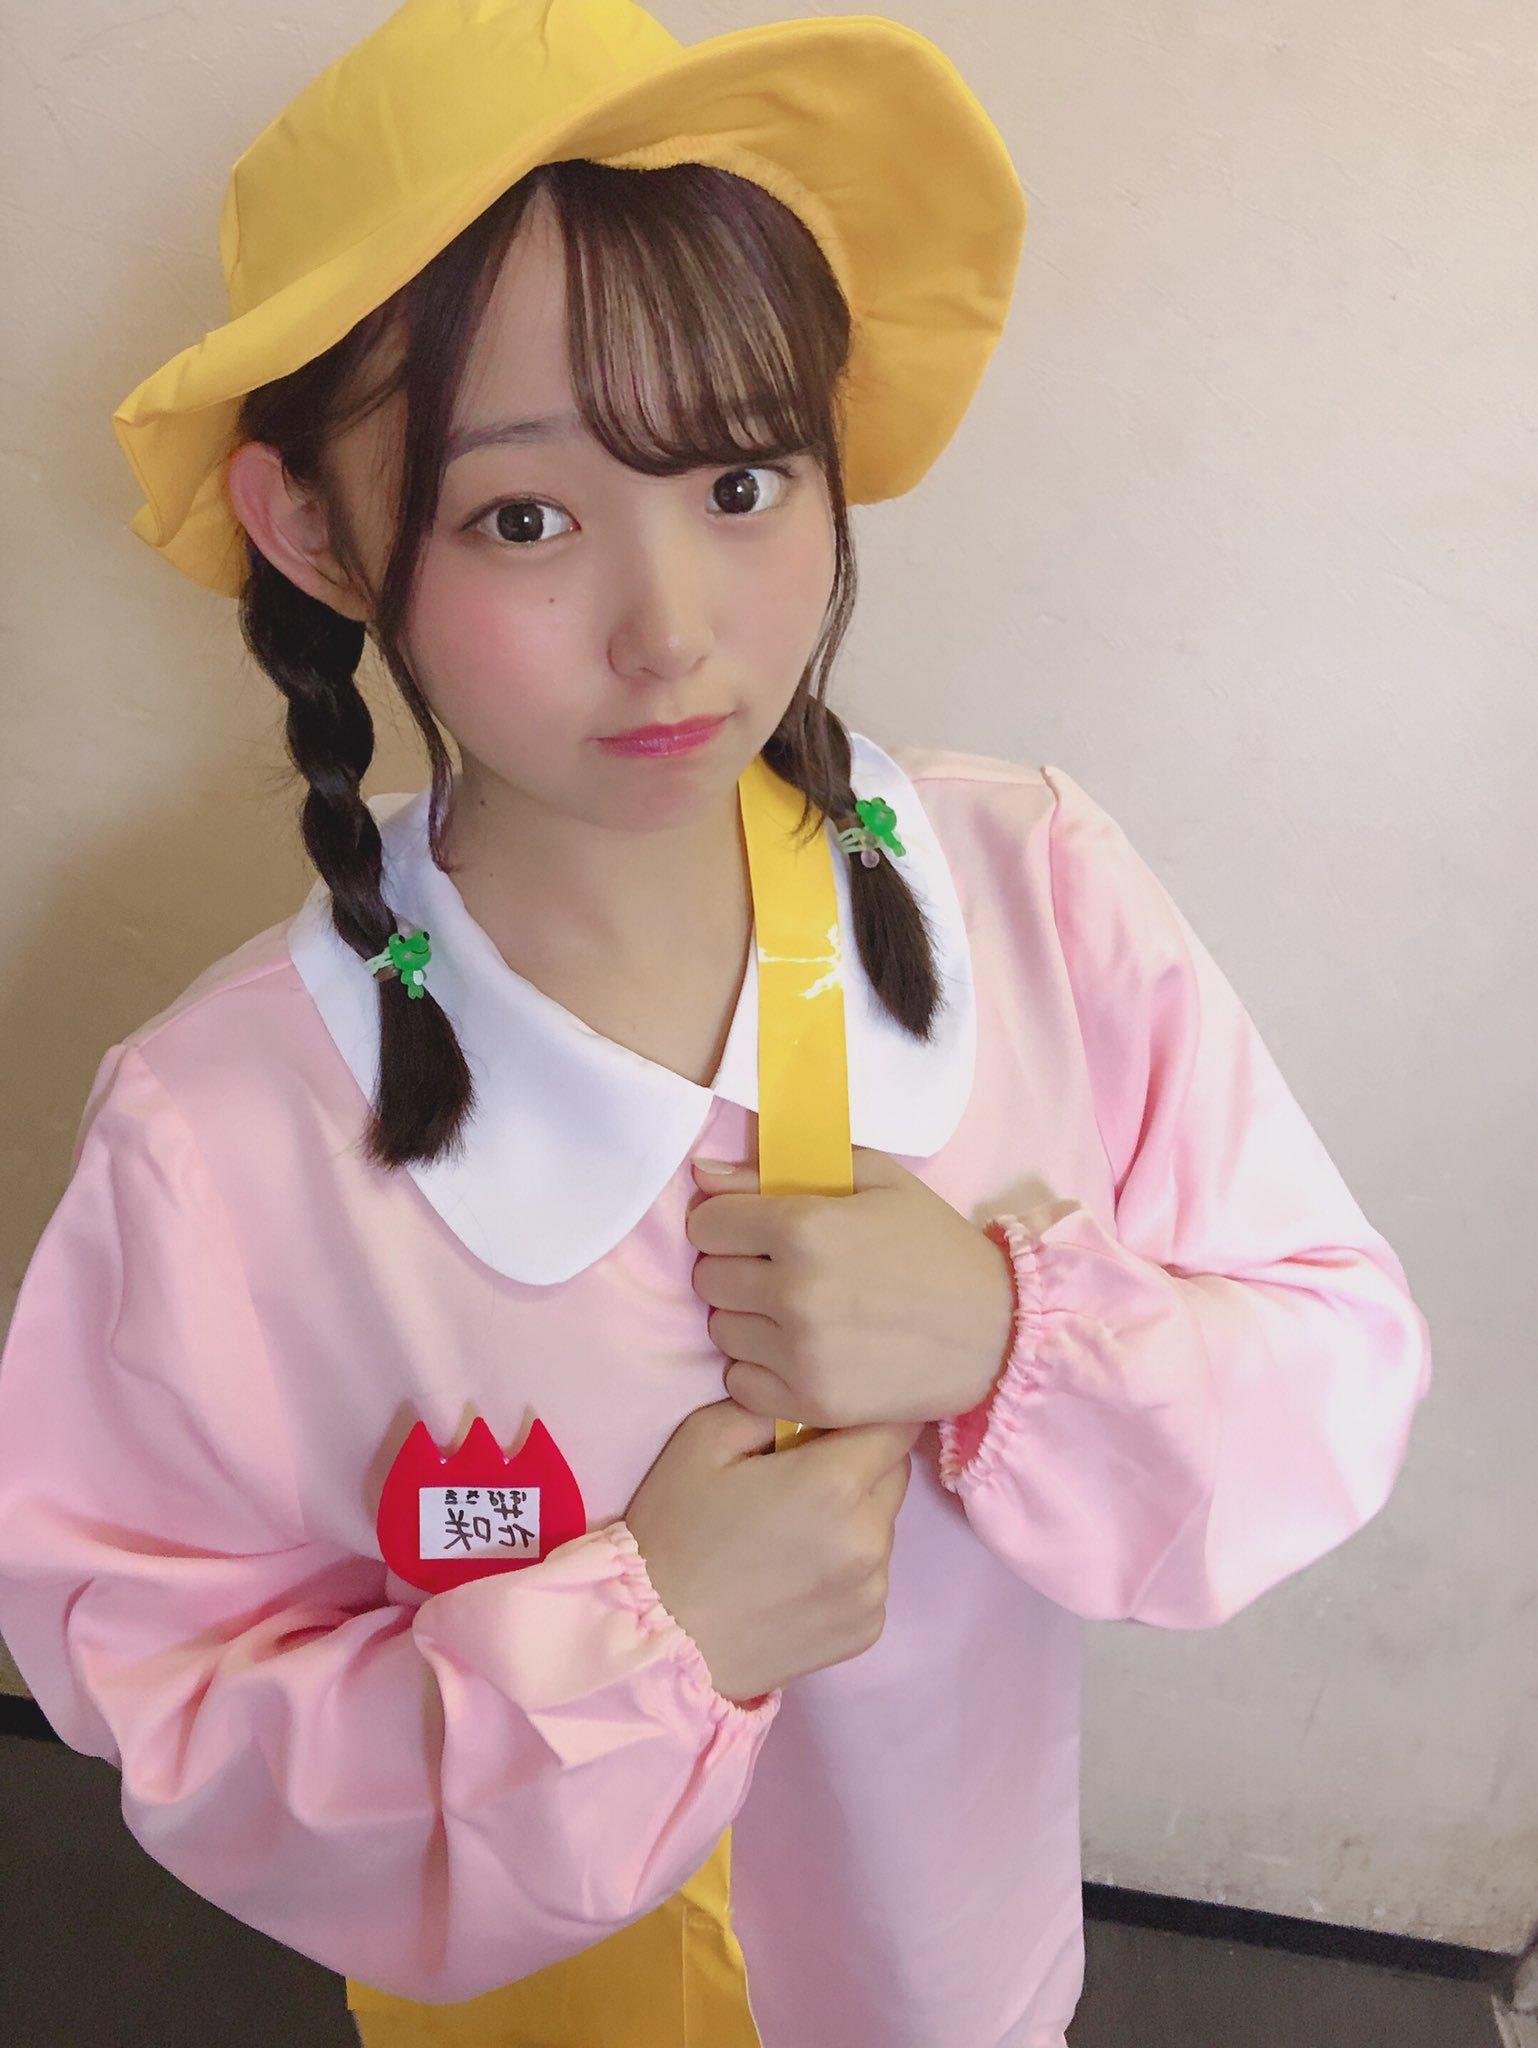 [无言说妹子]17岁真童颜巨波妹@花咲ひより ,笑着奉上白嫩大包包可爱到不行!